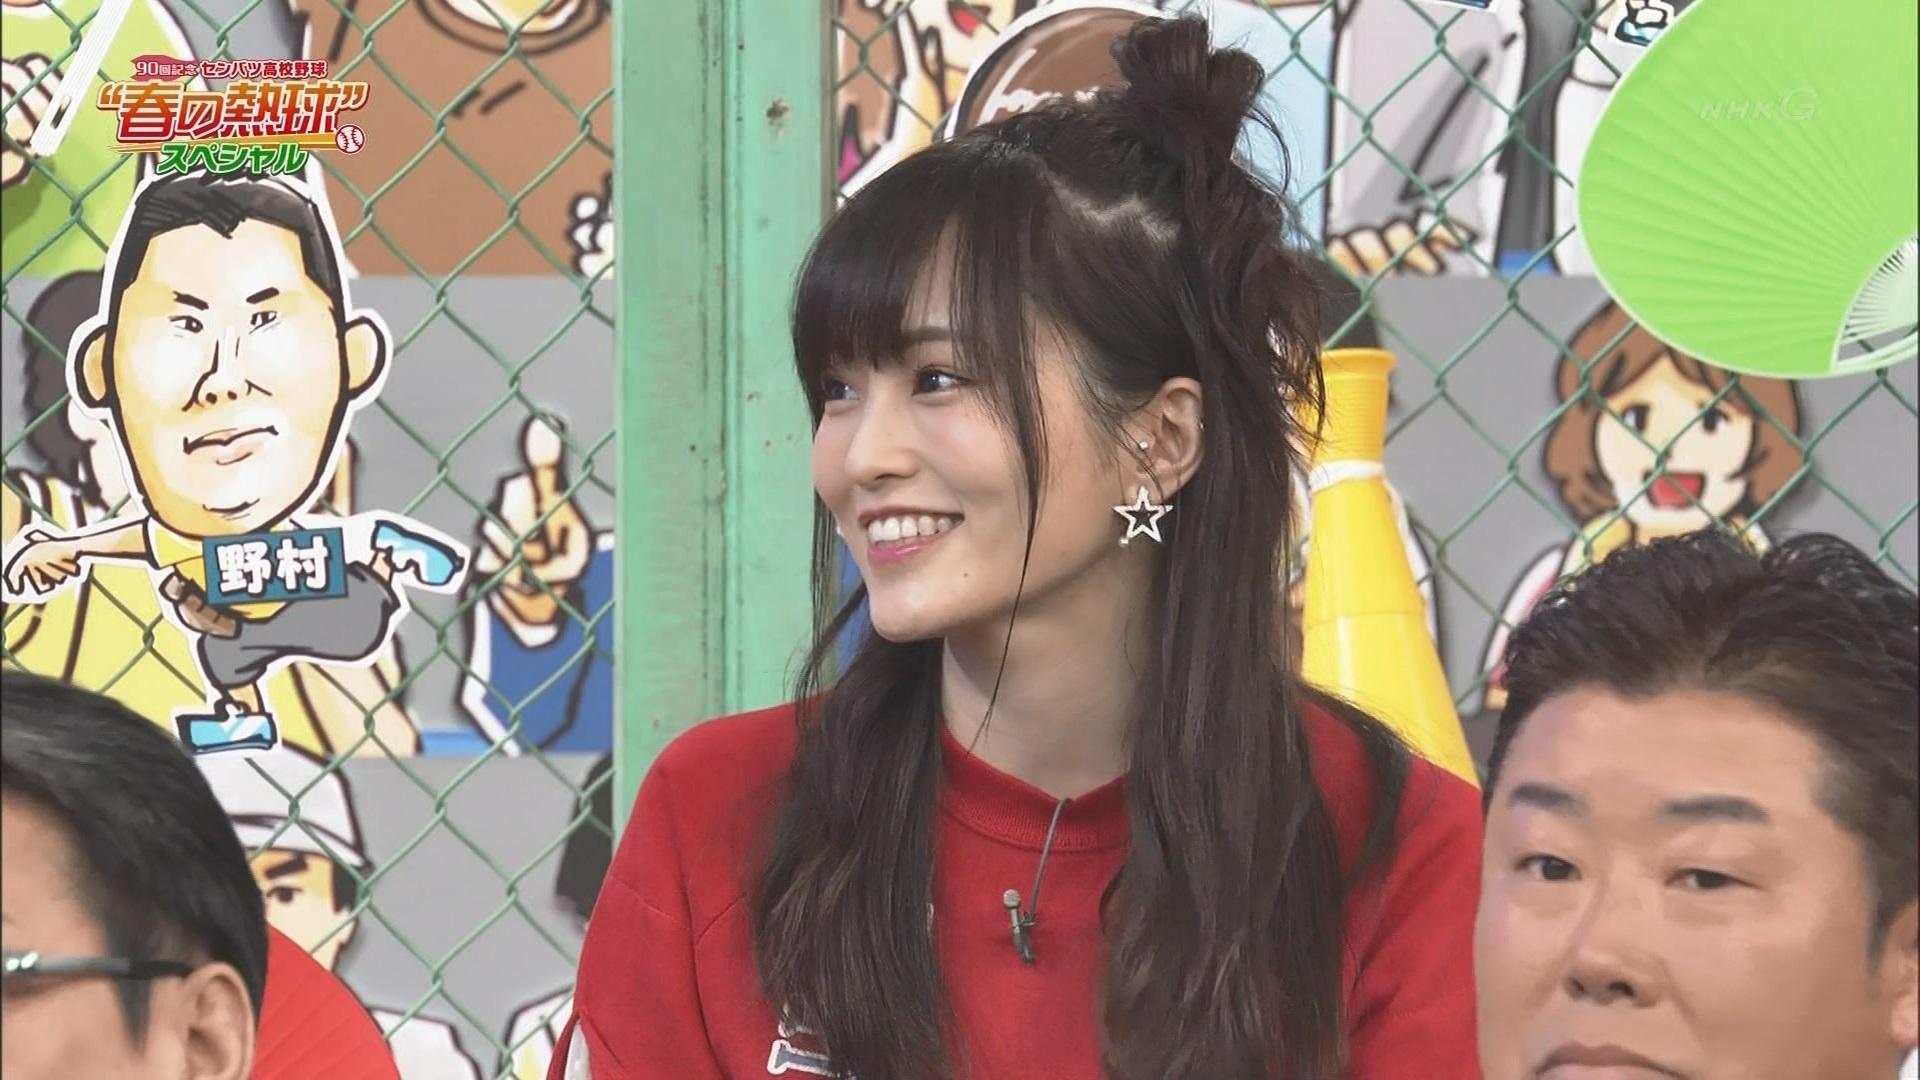 【山本彩】さや姉出演、90回記念センバツ春の熱球スペシャルキャプ画像